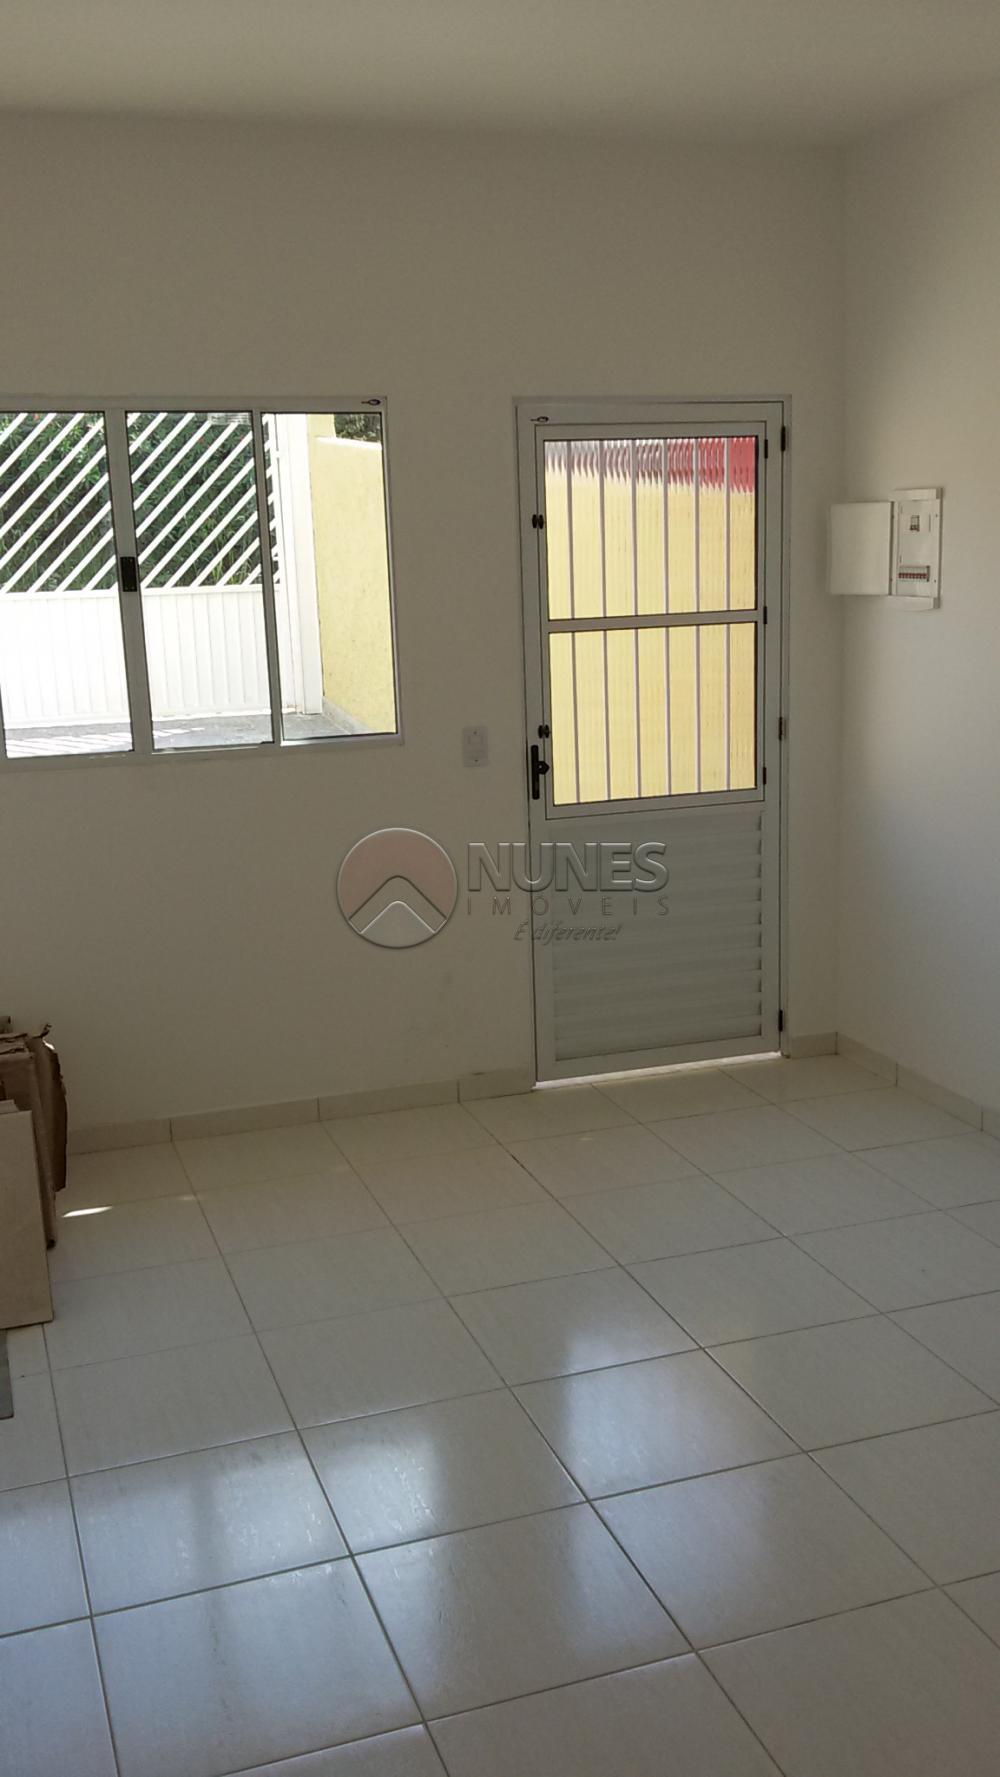 Casa de 2 dormitórios em Cidade São Pedro - Gleba B, Santana De Parnaíba - SP